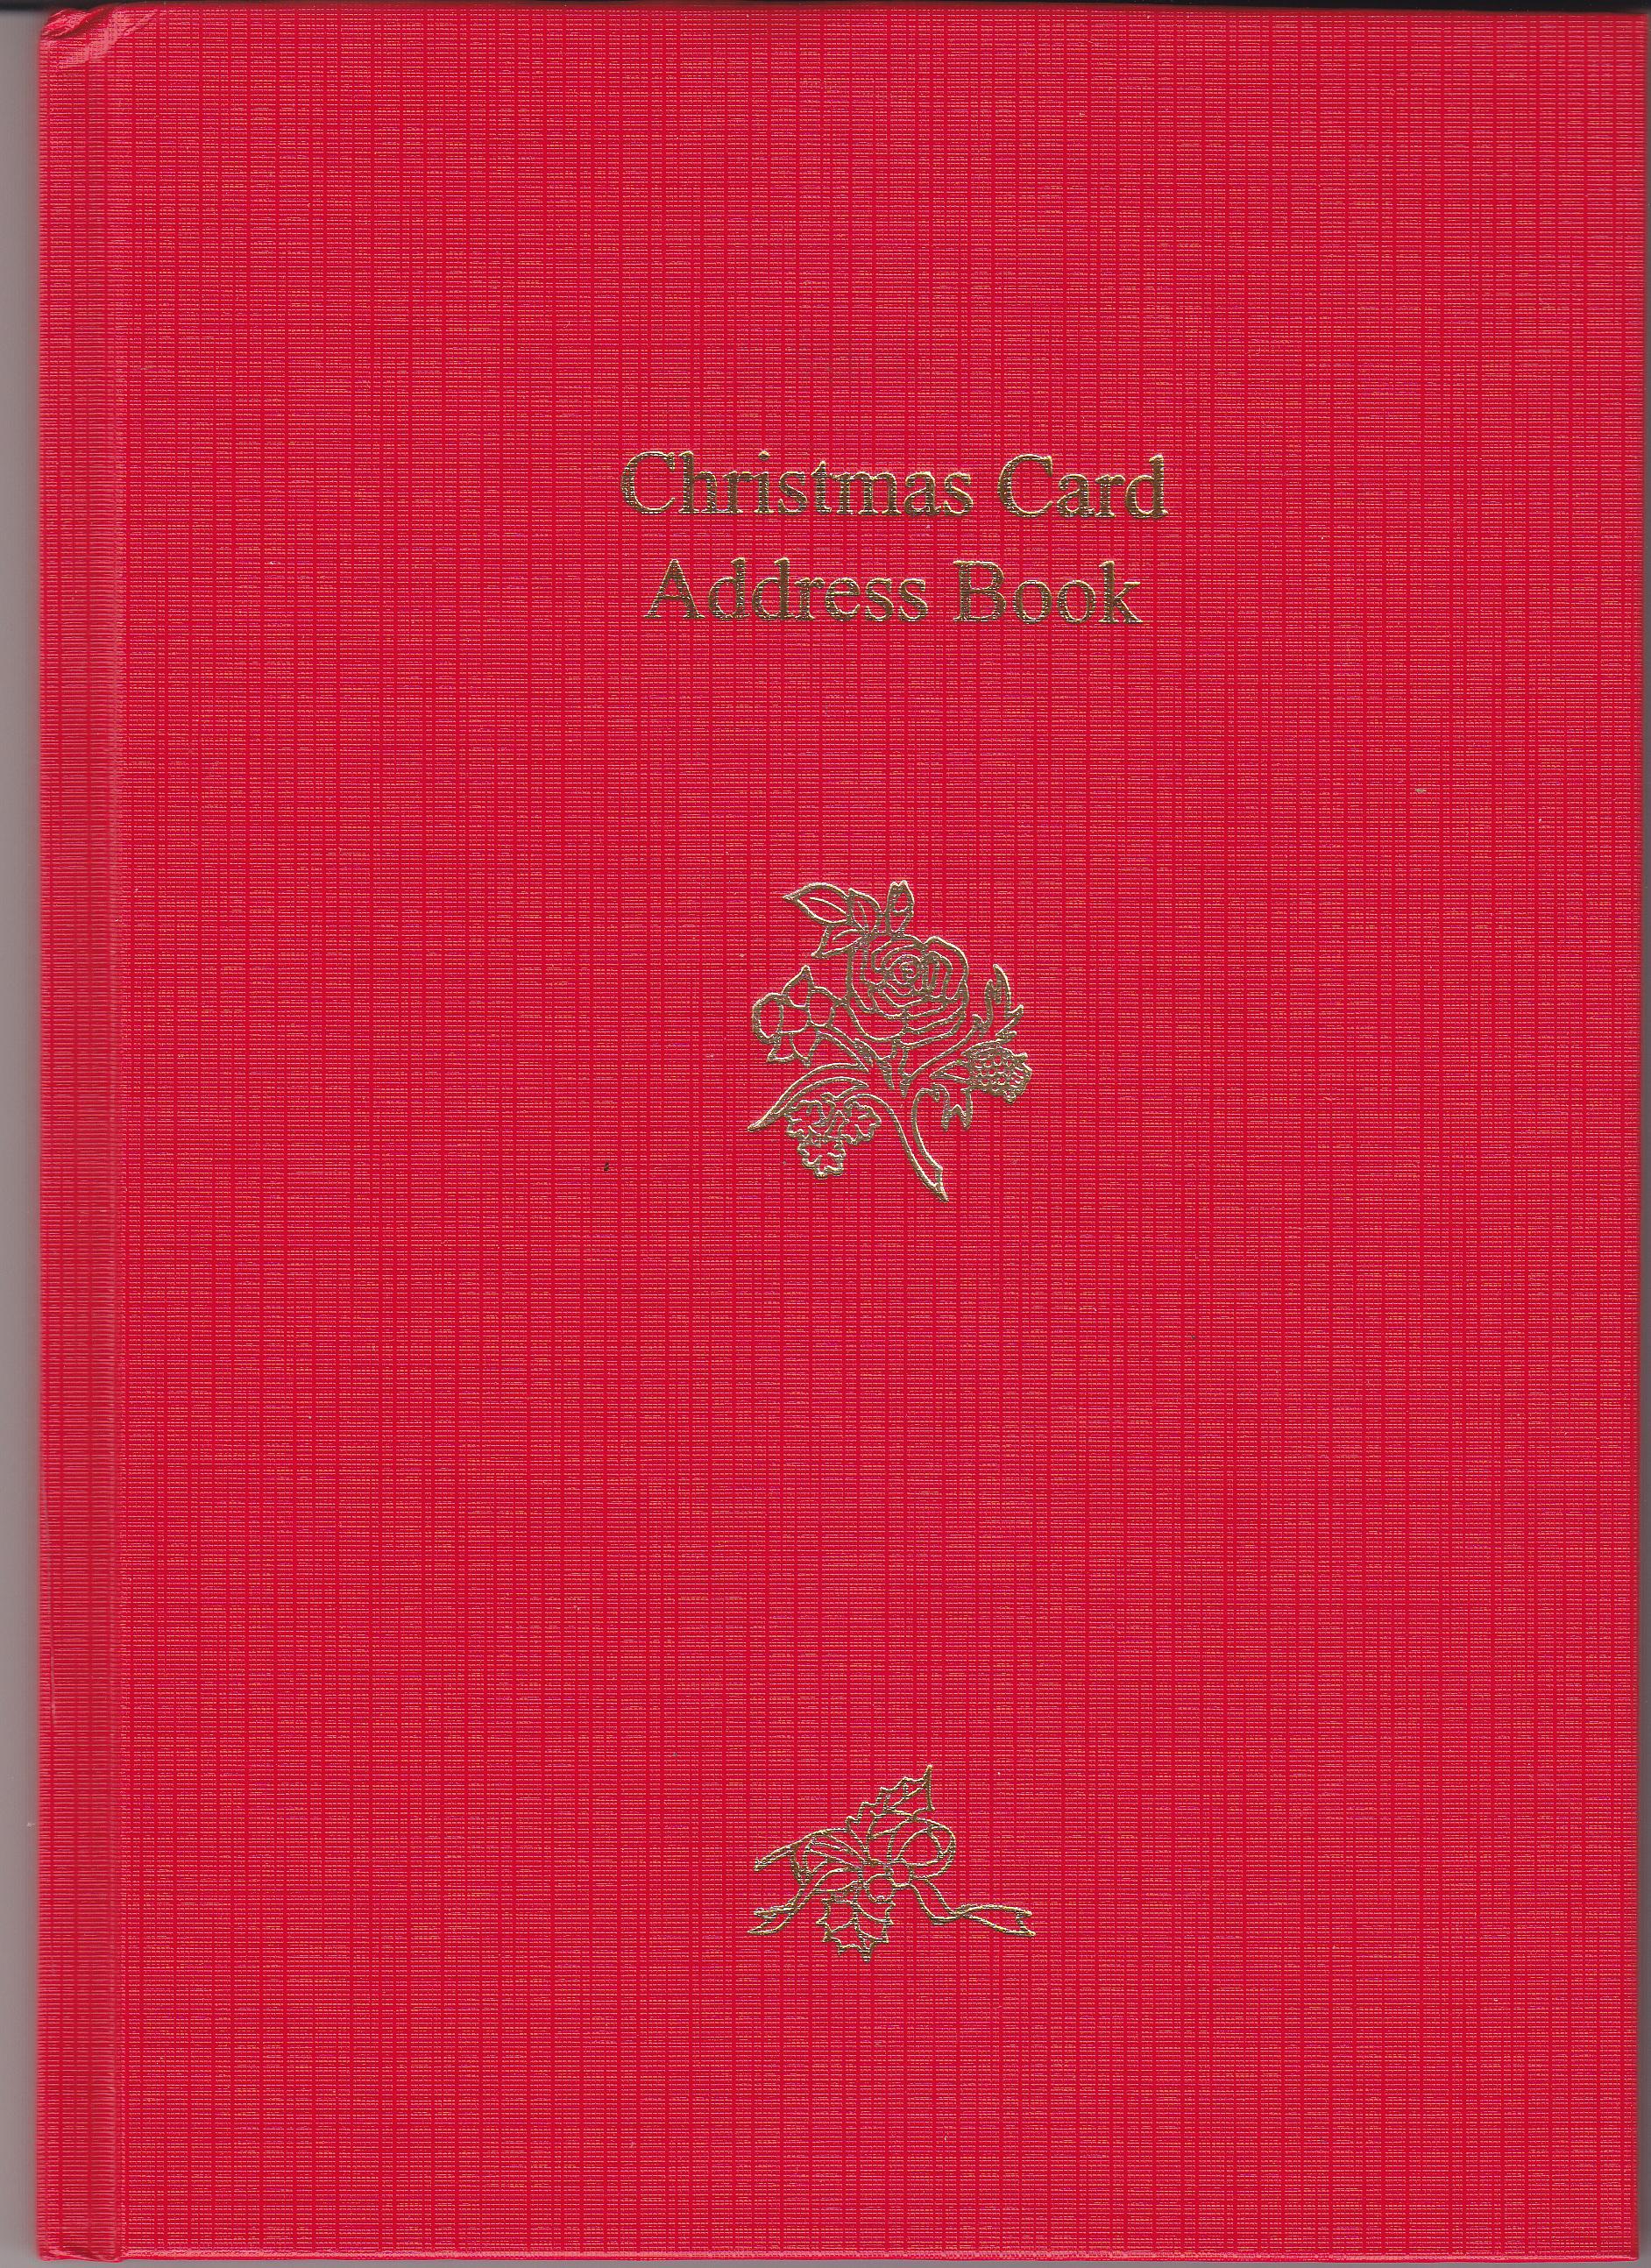 ADDRESS002-Xmas-Address-Red